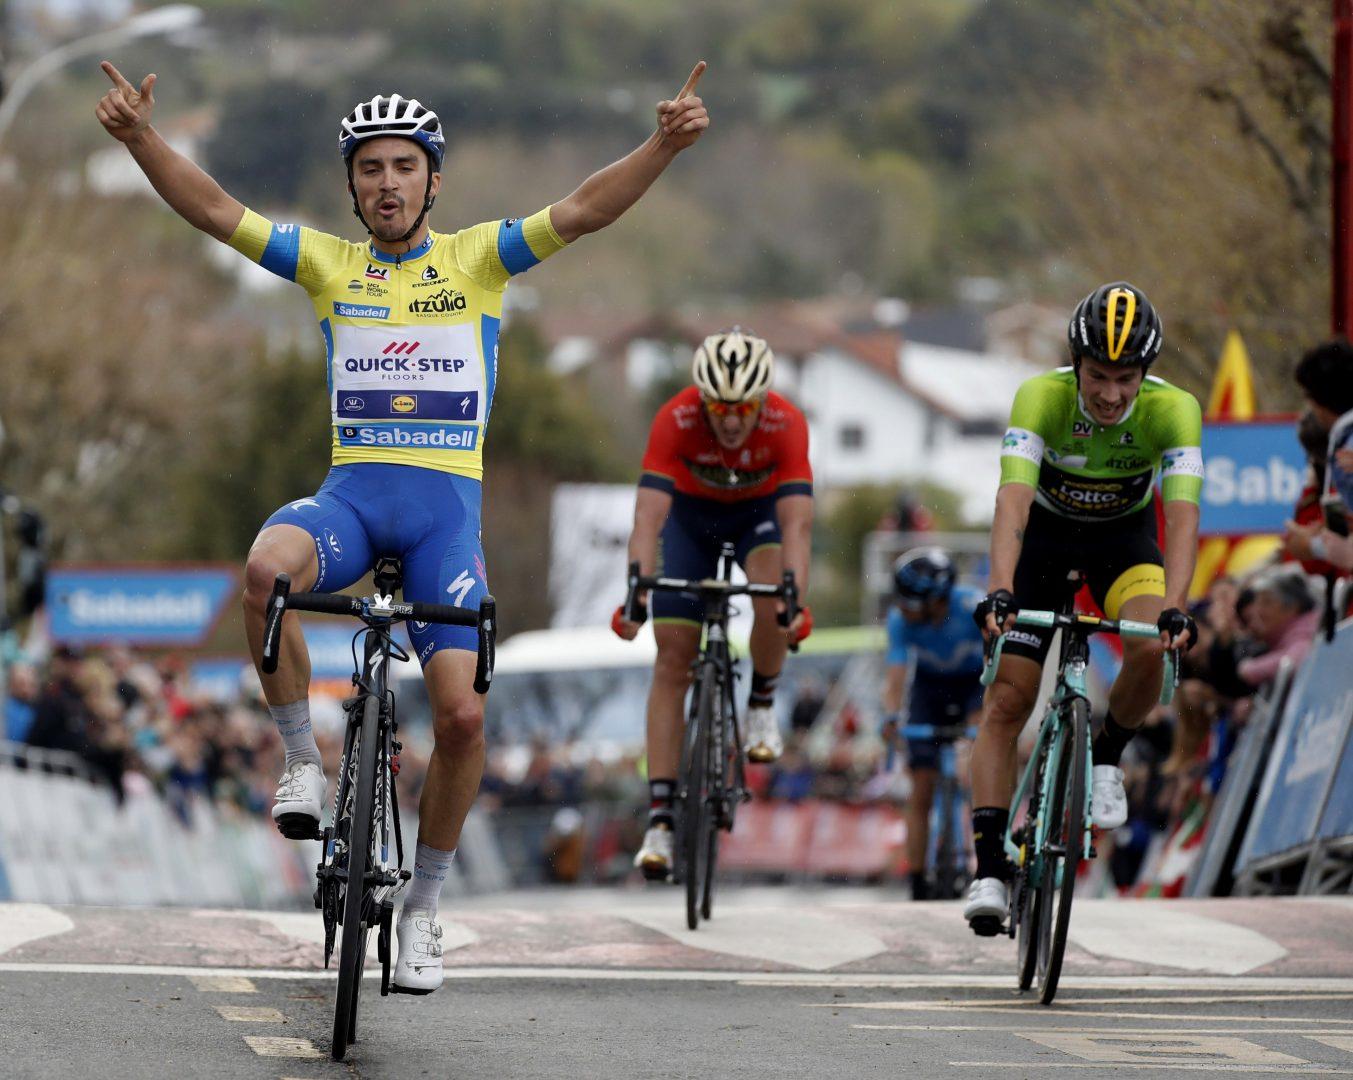 Julian Alaphilippe (Quick-Step), vence en la segunga etapa y es más líder. (Foto: EFE)